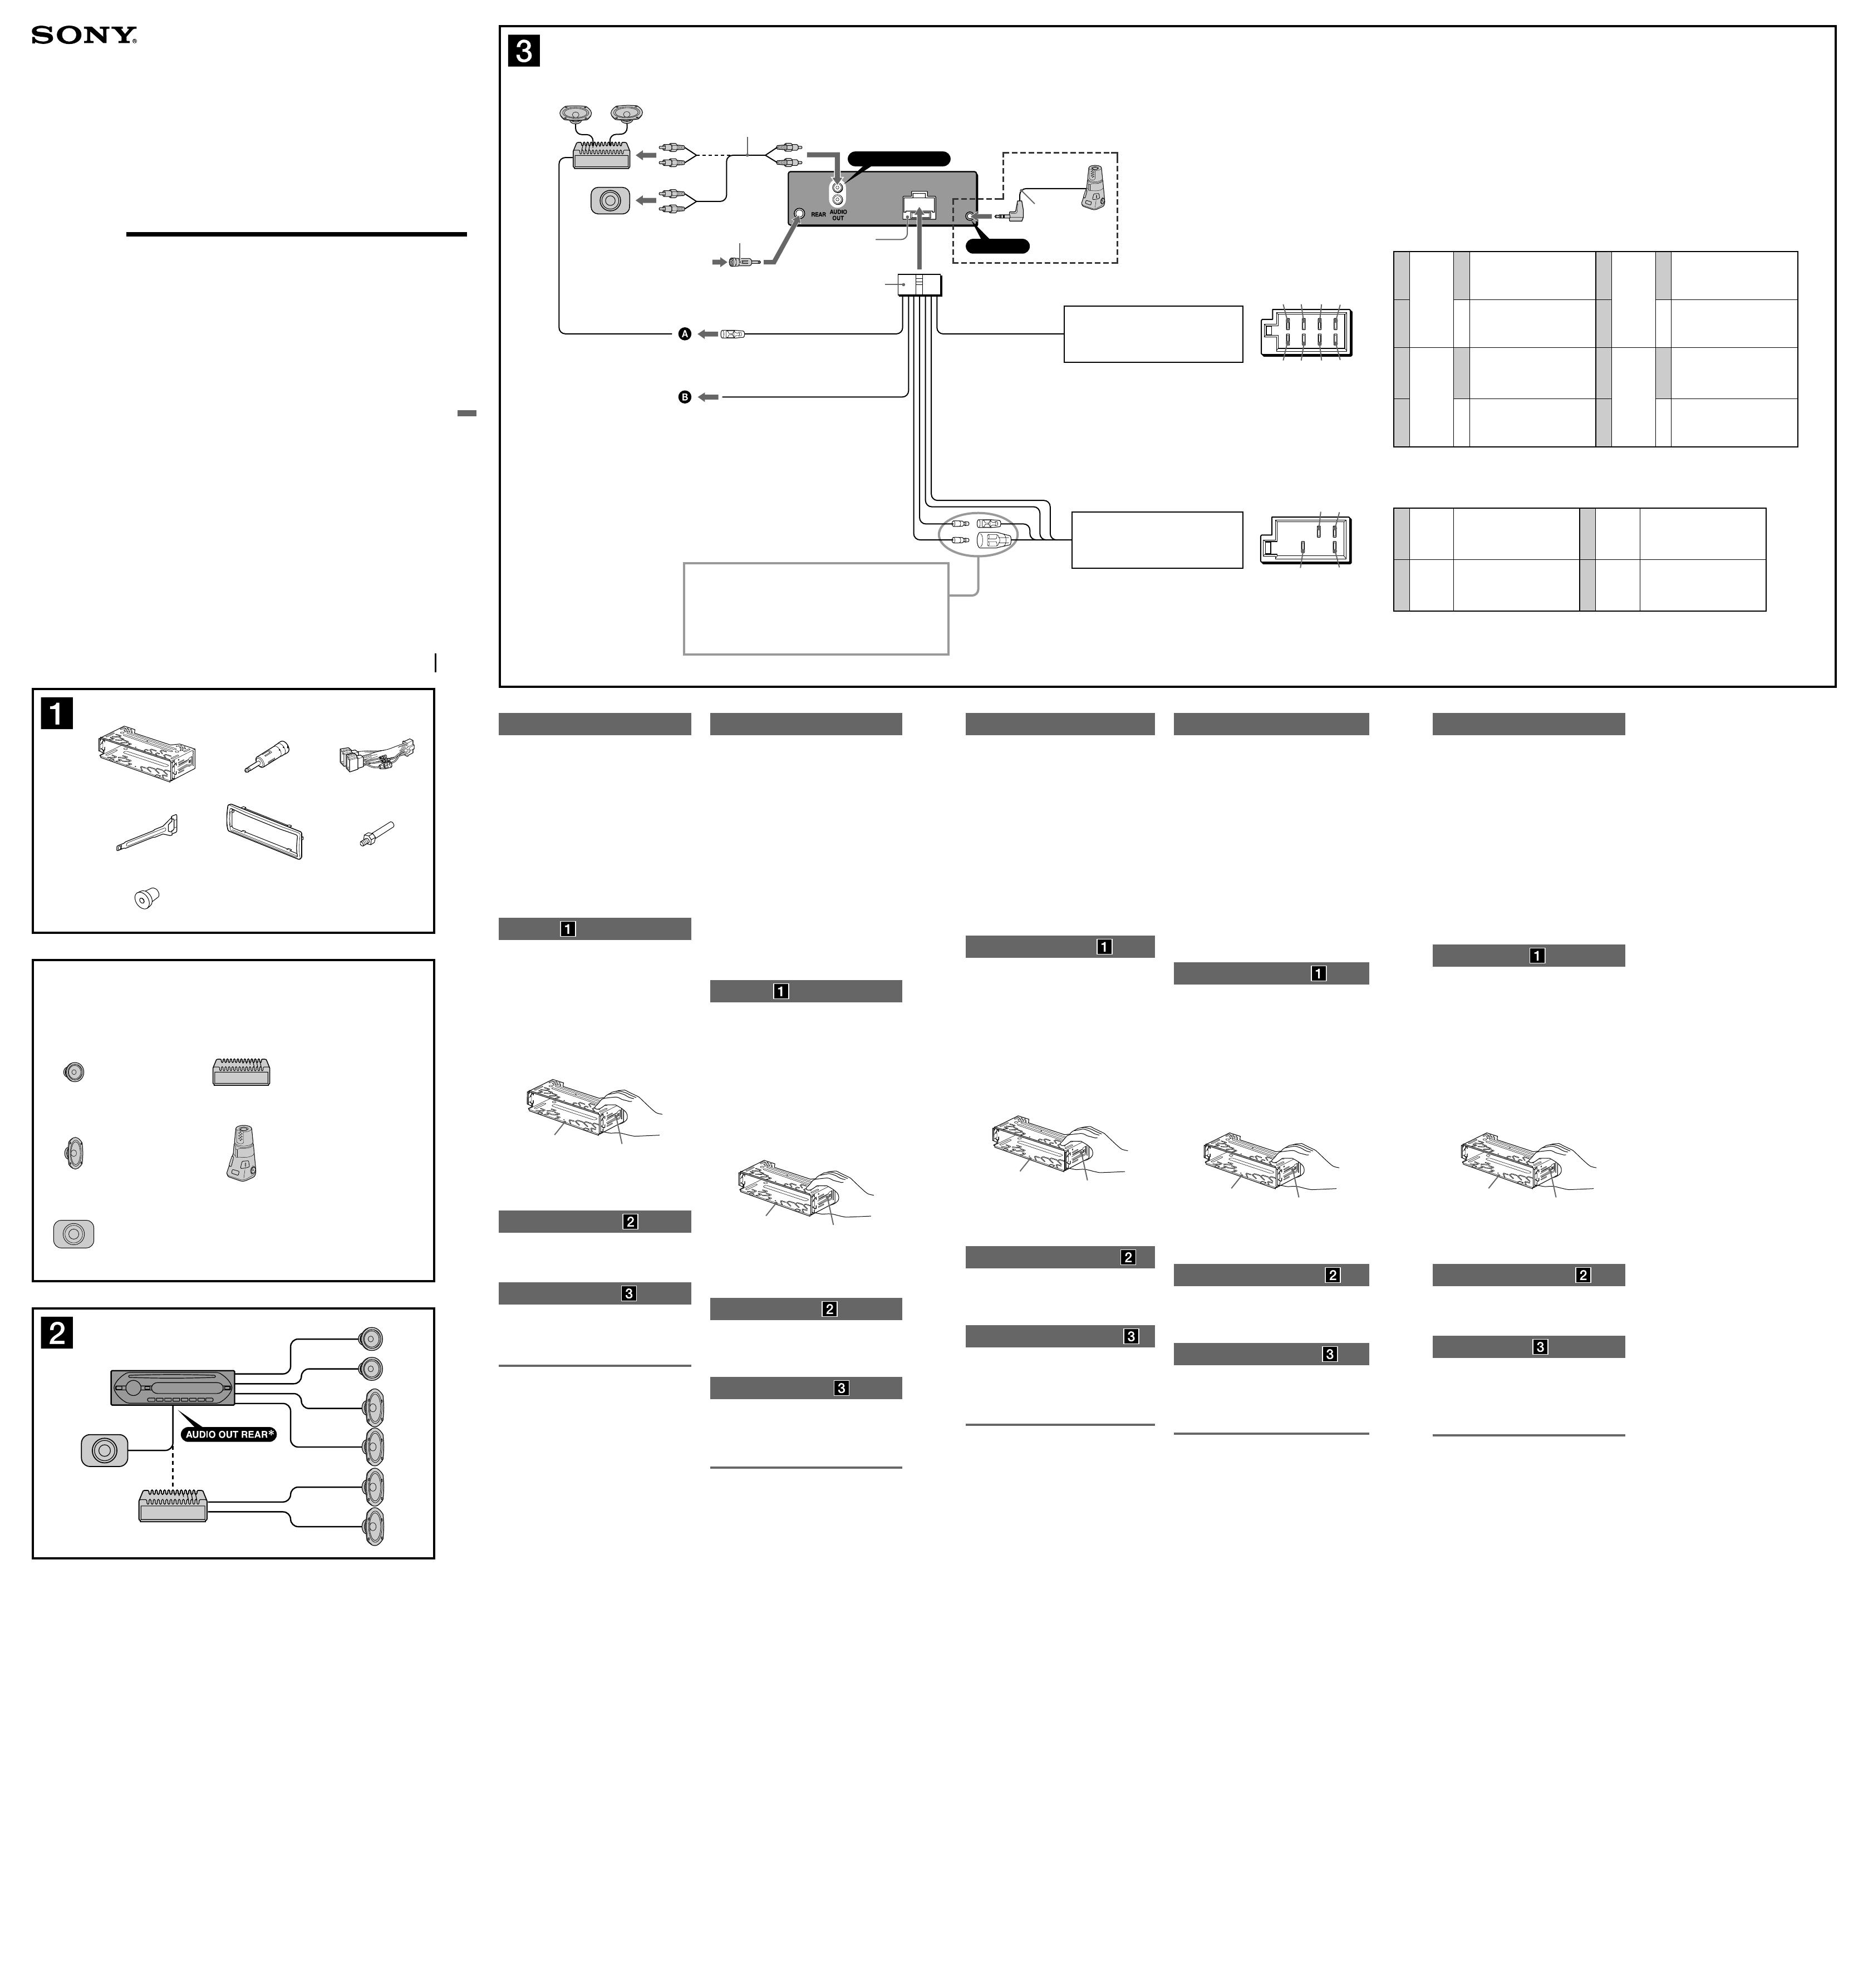 Ziemlich Sony Cdx Gt200 Schaltplan Fotos - Der Schaltplan - greigo.com